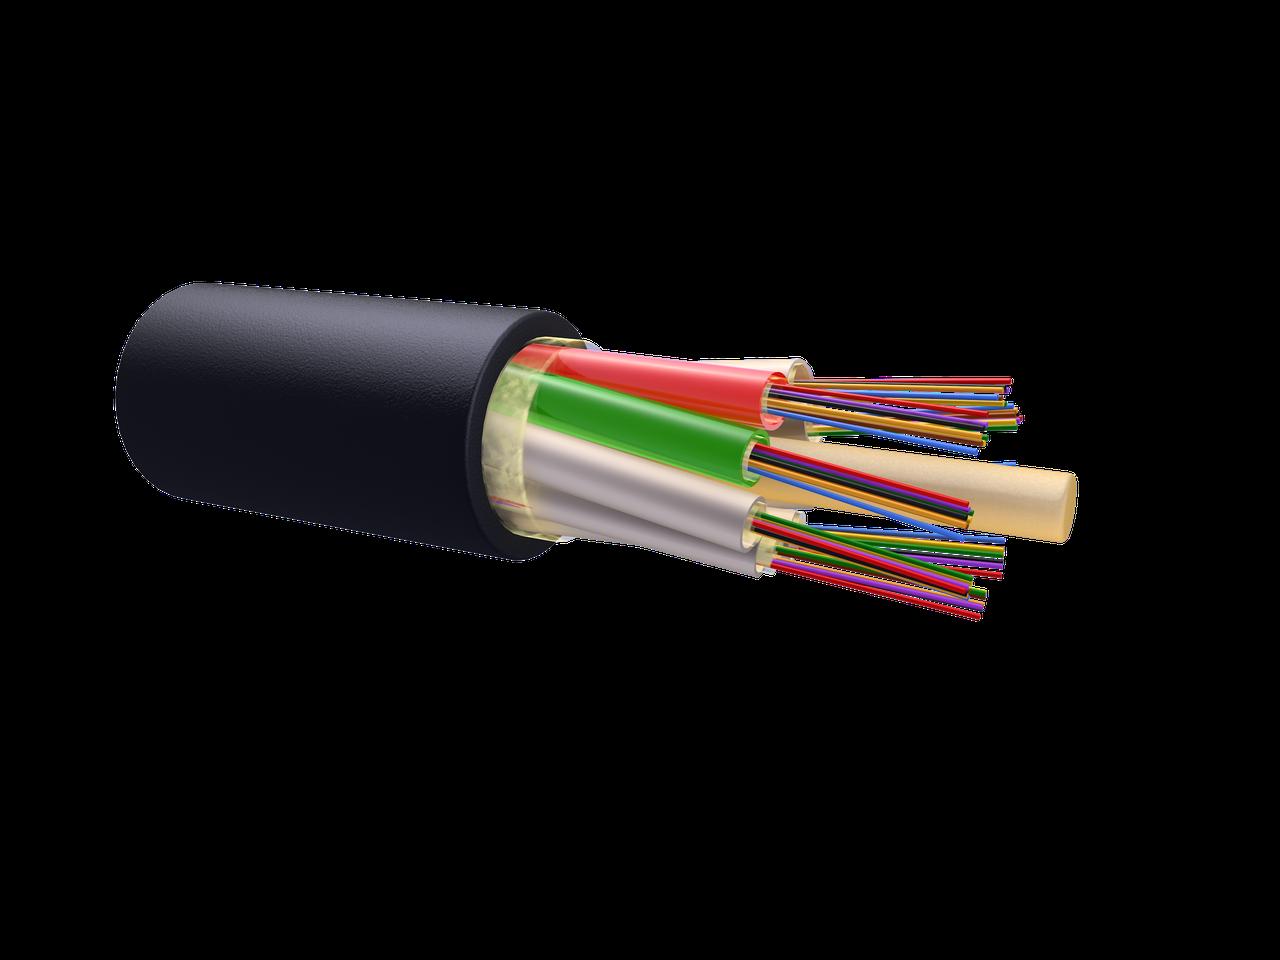 Оптический кабель для прокладки в пластмассовый трубопровод ОК-М6П-А4-3.1 (волокно Corning США)